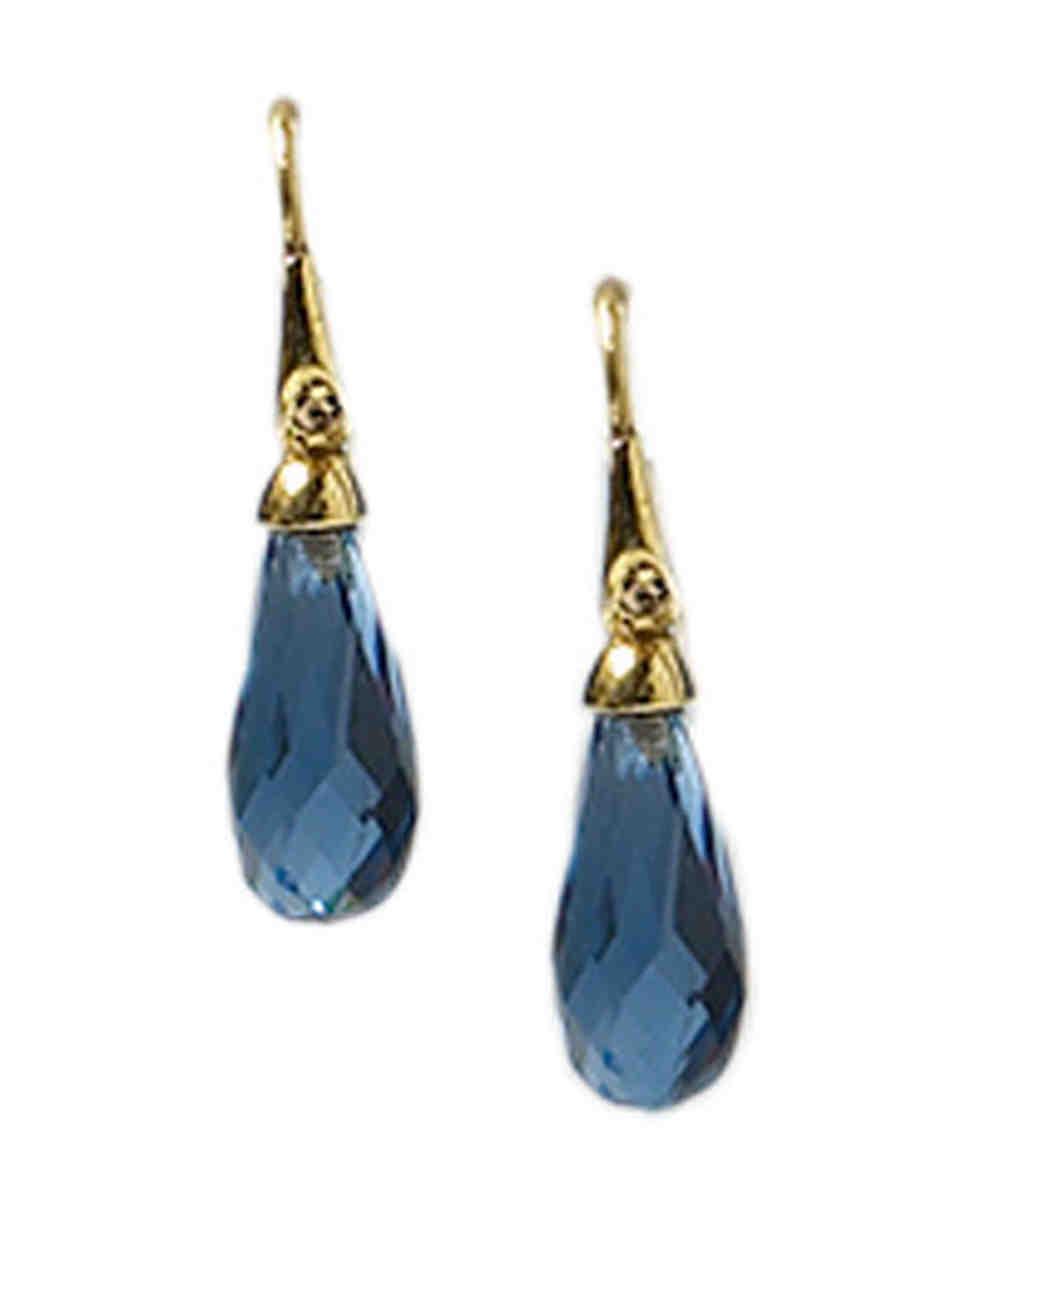 wd104606_spr09_jewelry34.jpg